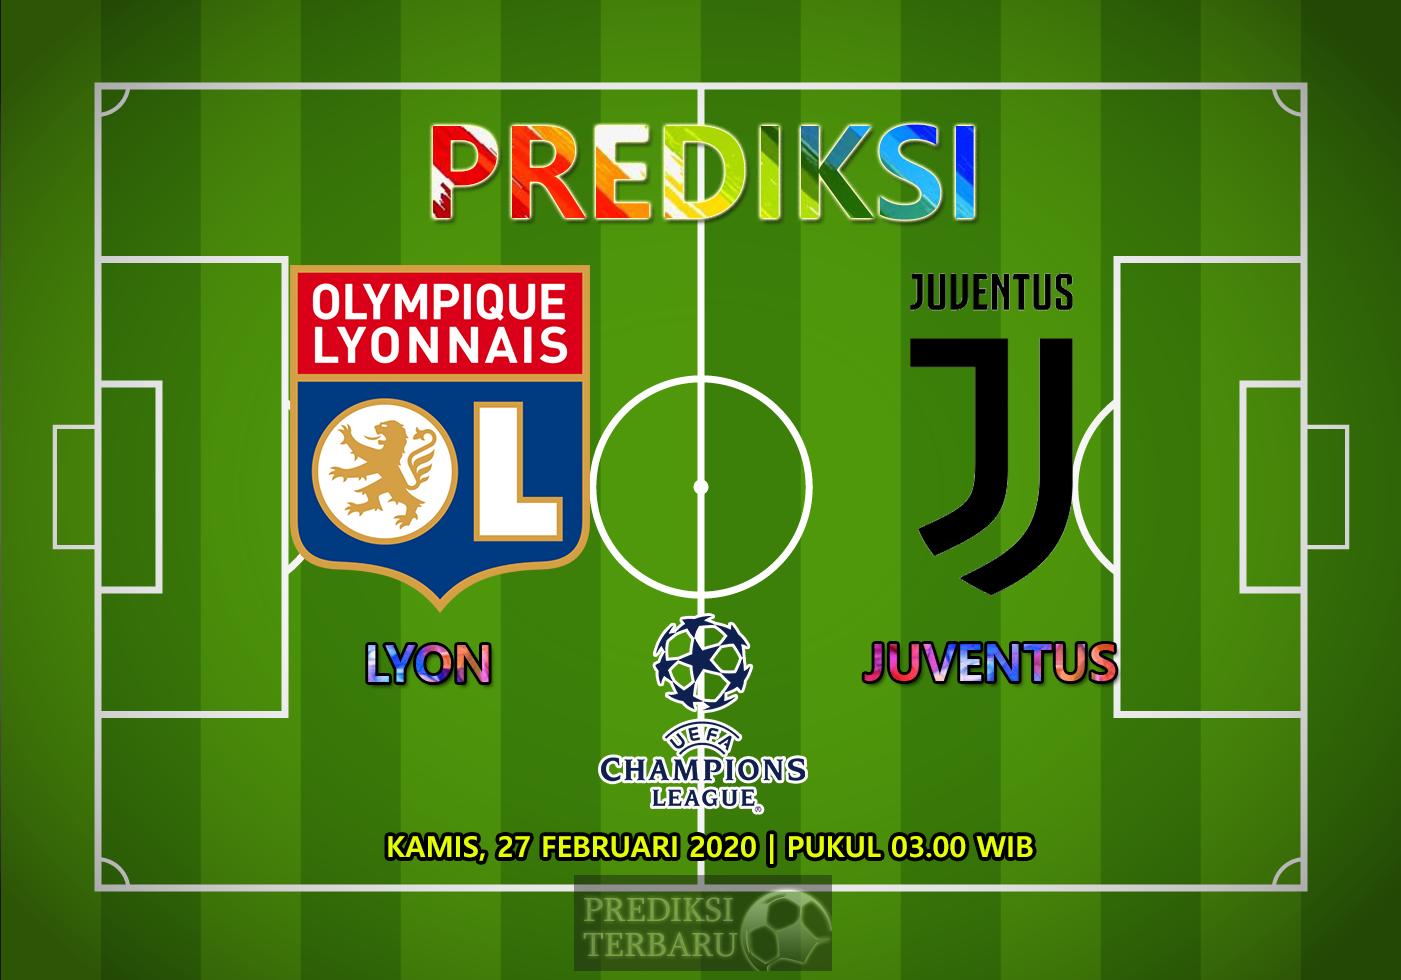 Prediksi Lyon Vs Juventus, Kamis 27 Februari